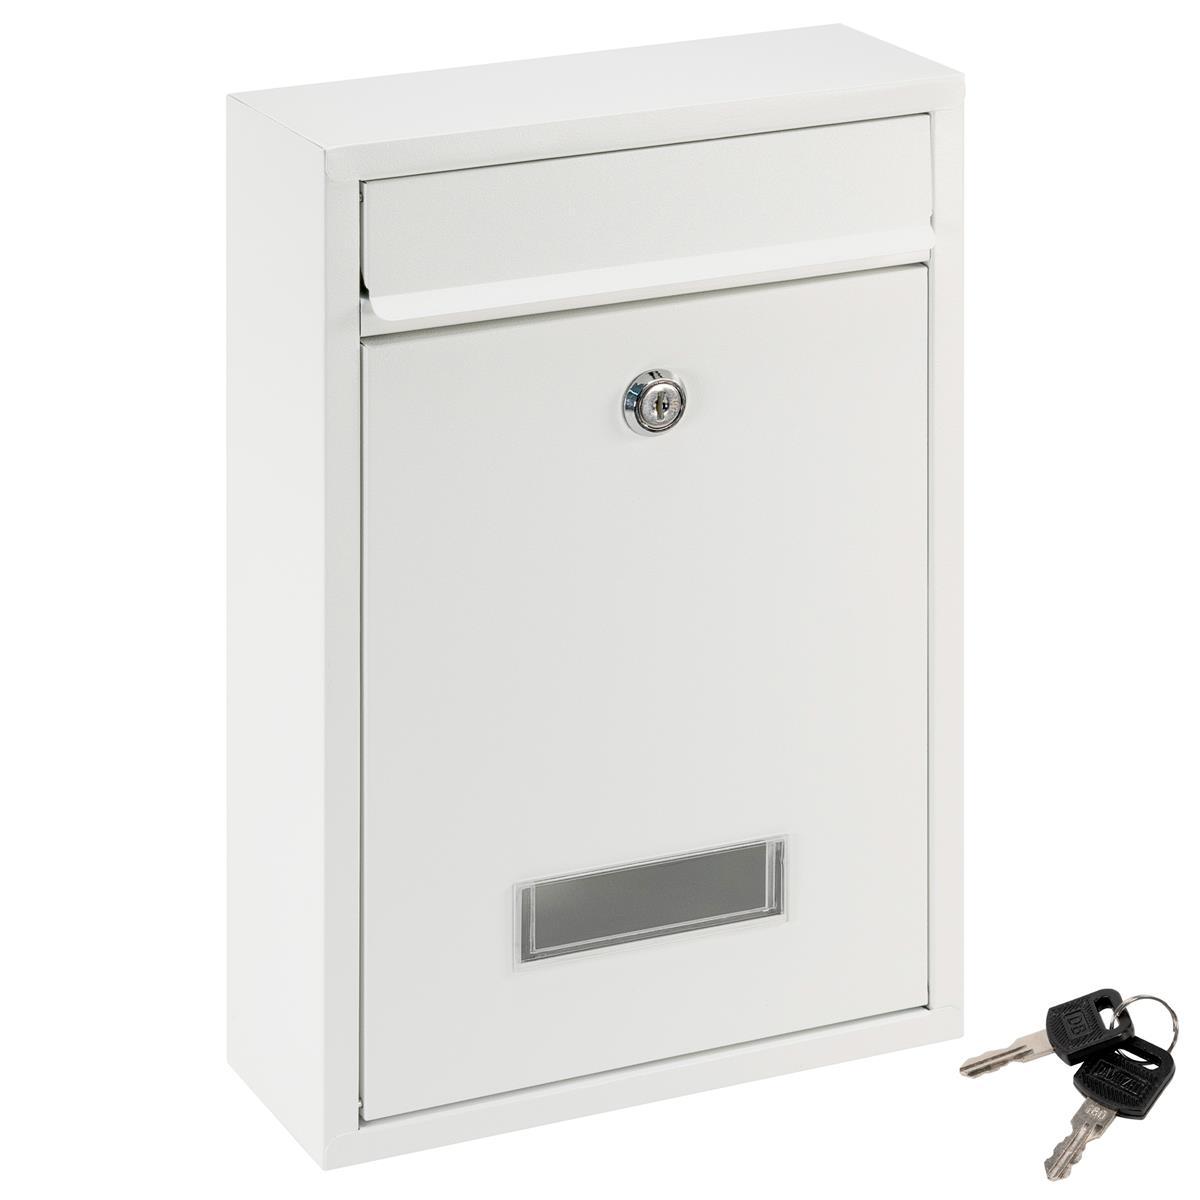 Briefkasten ELI Wandmontage Weiß 2 Schlüssel Stahl mit Namensschild